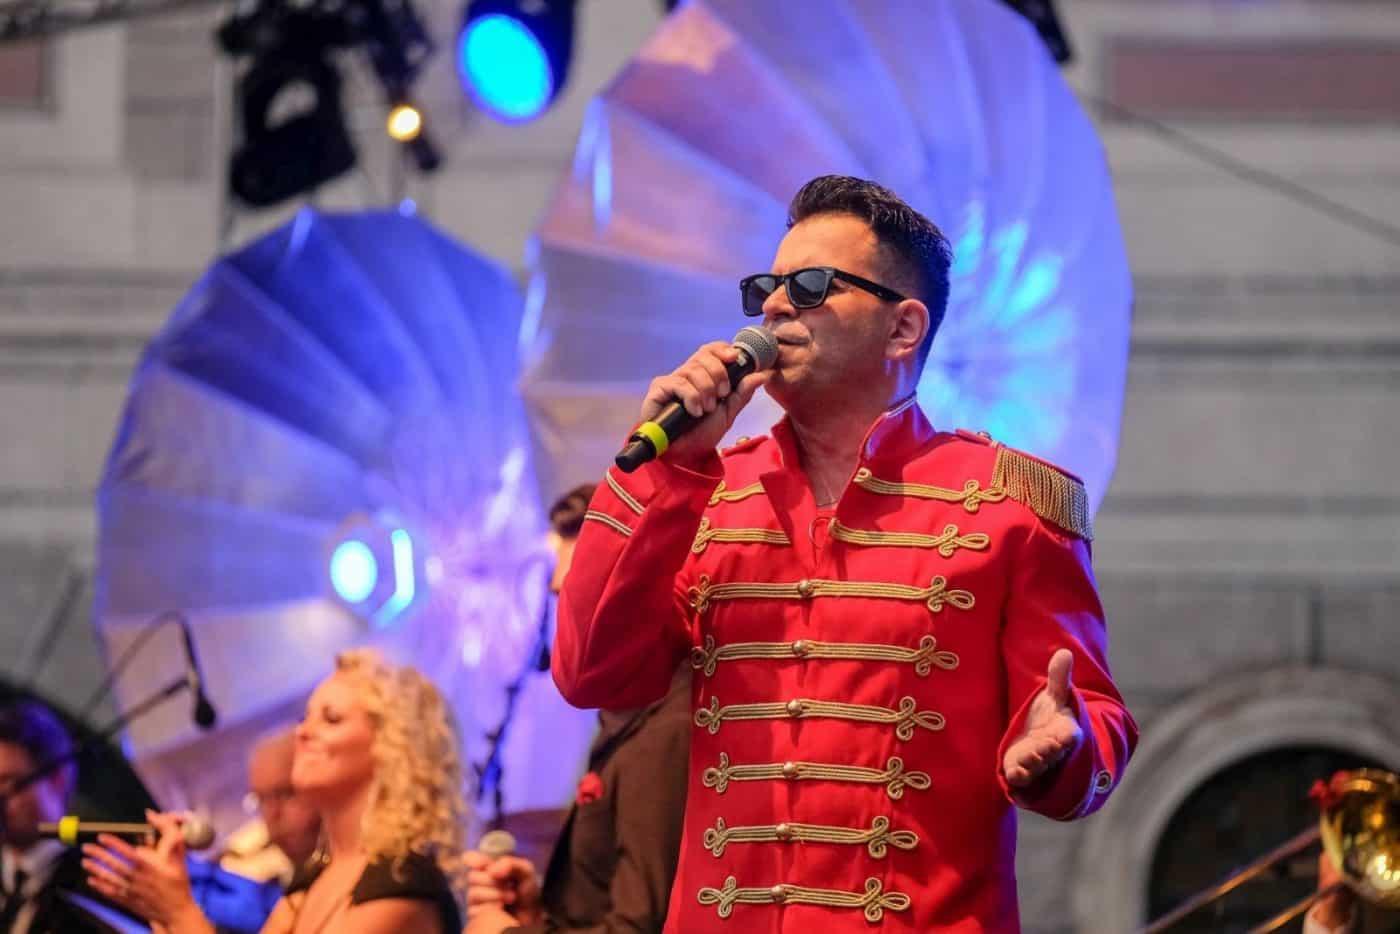 Der Sänger Sandro Luzzu performt Falco-Hits im Originalkostüm mit der Eventband STEINBACH.